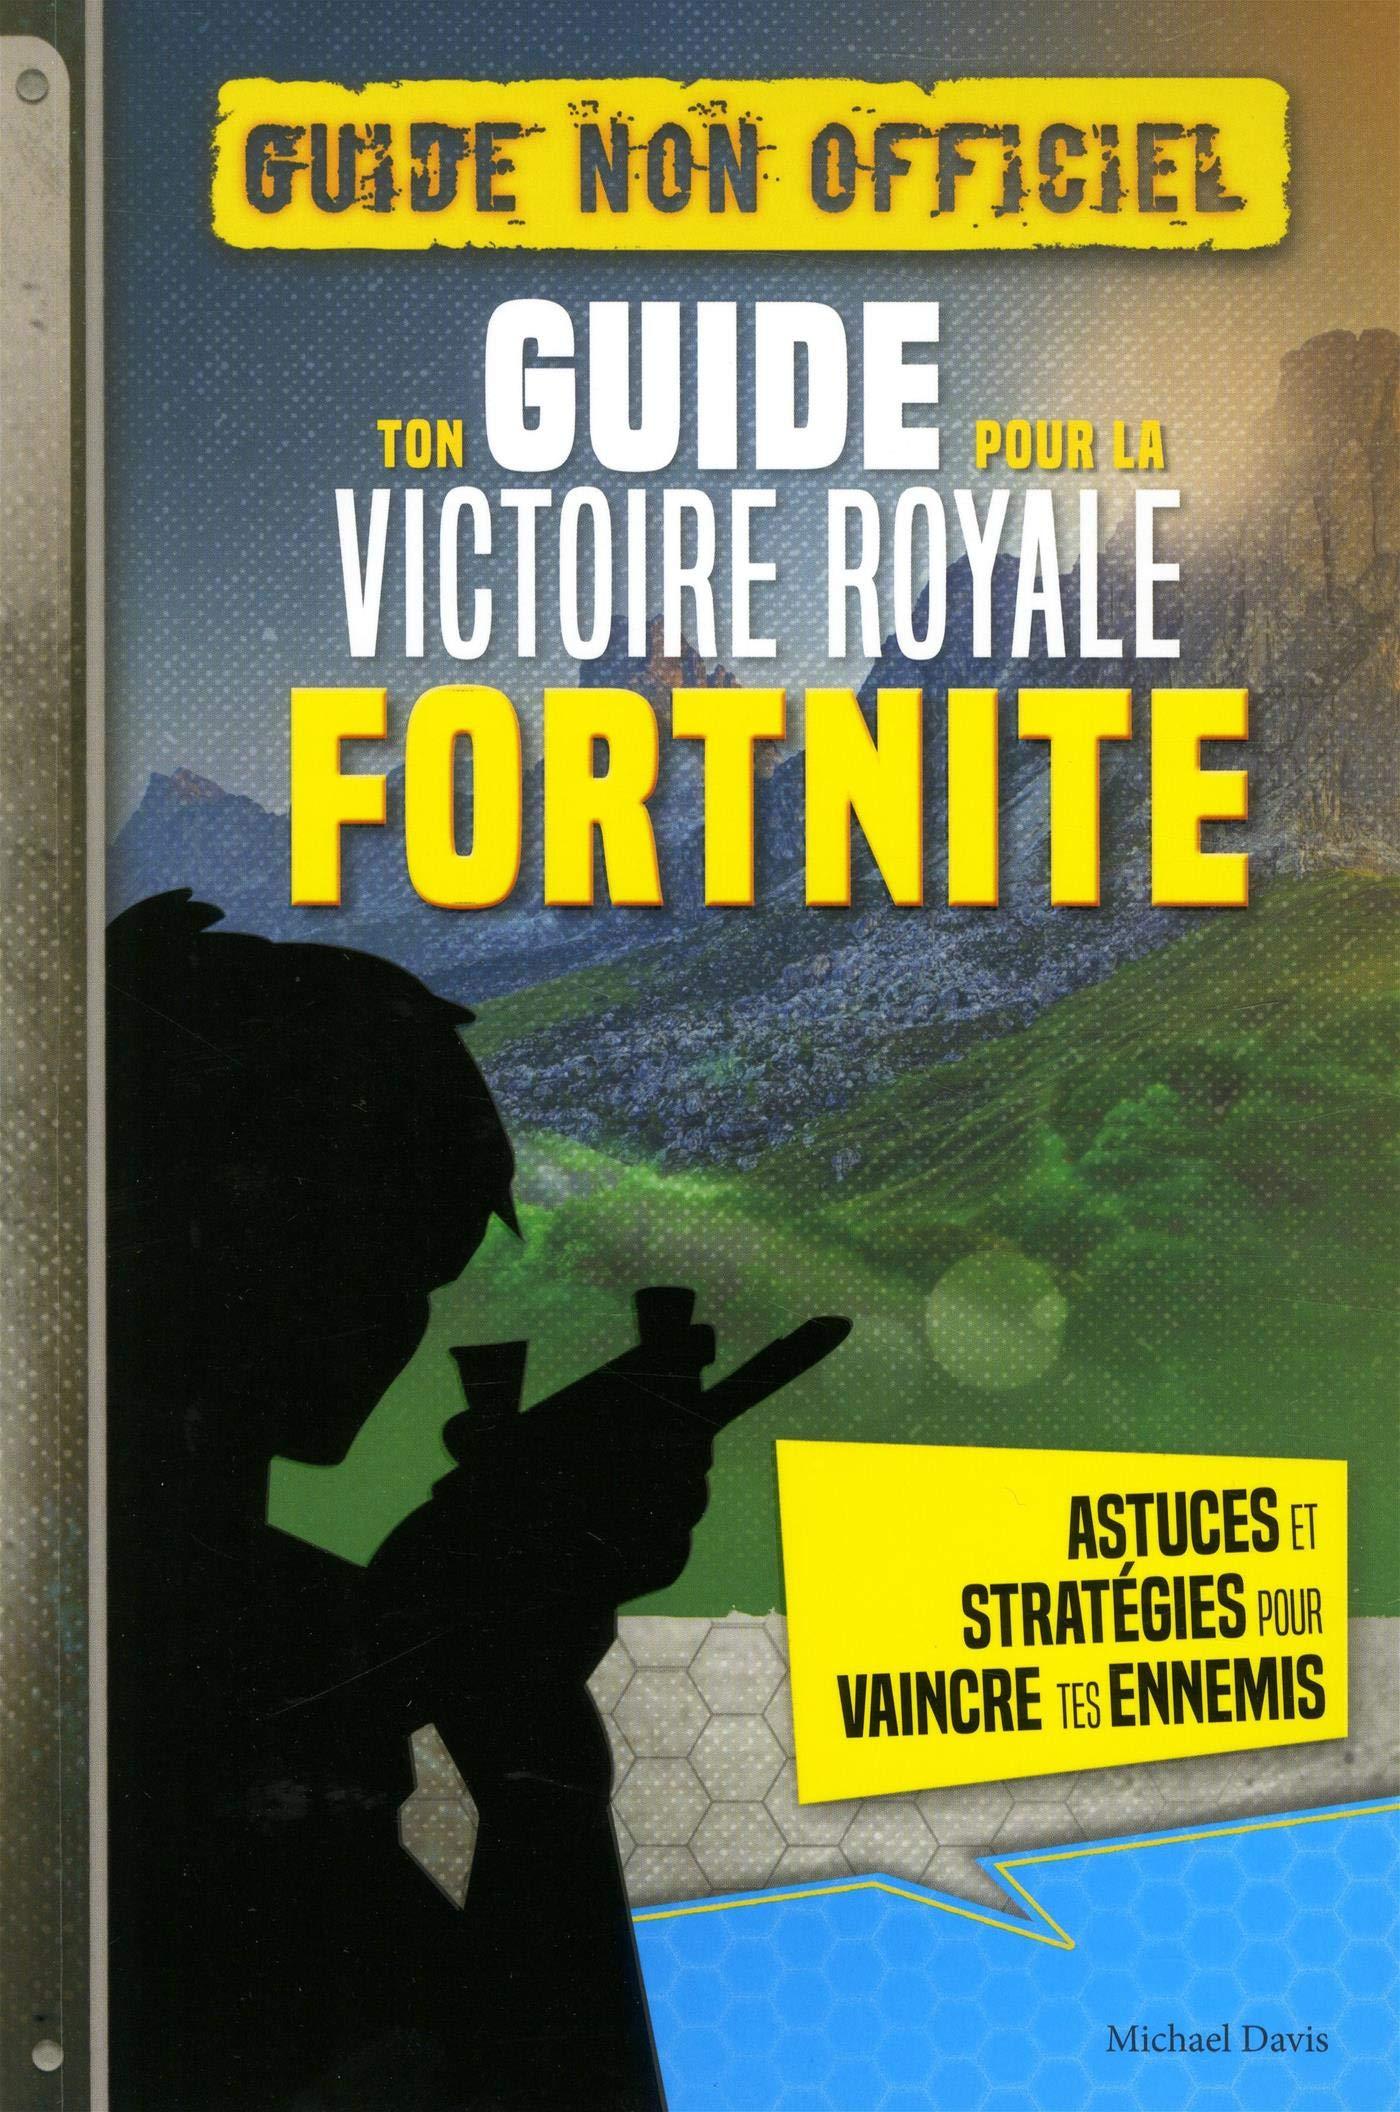 Fortnite Ton Guide Pour La Victoire Royale Amazon Fr